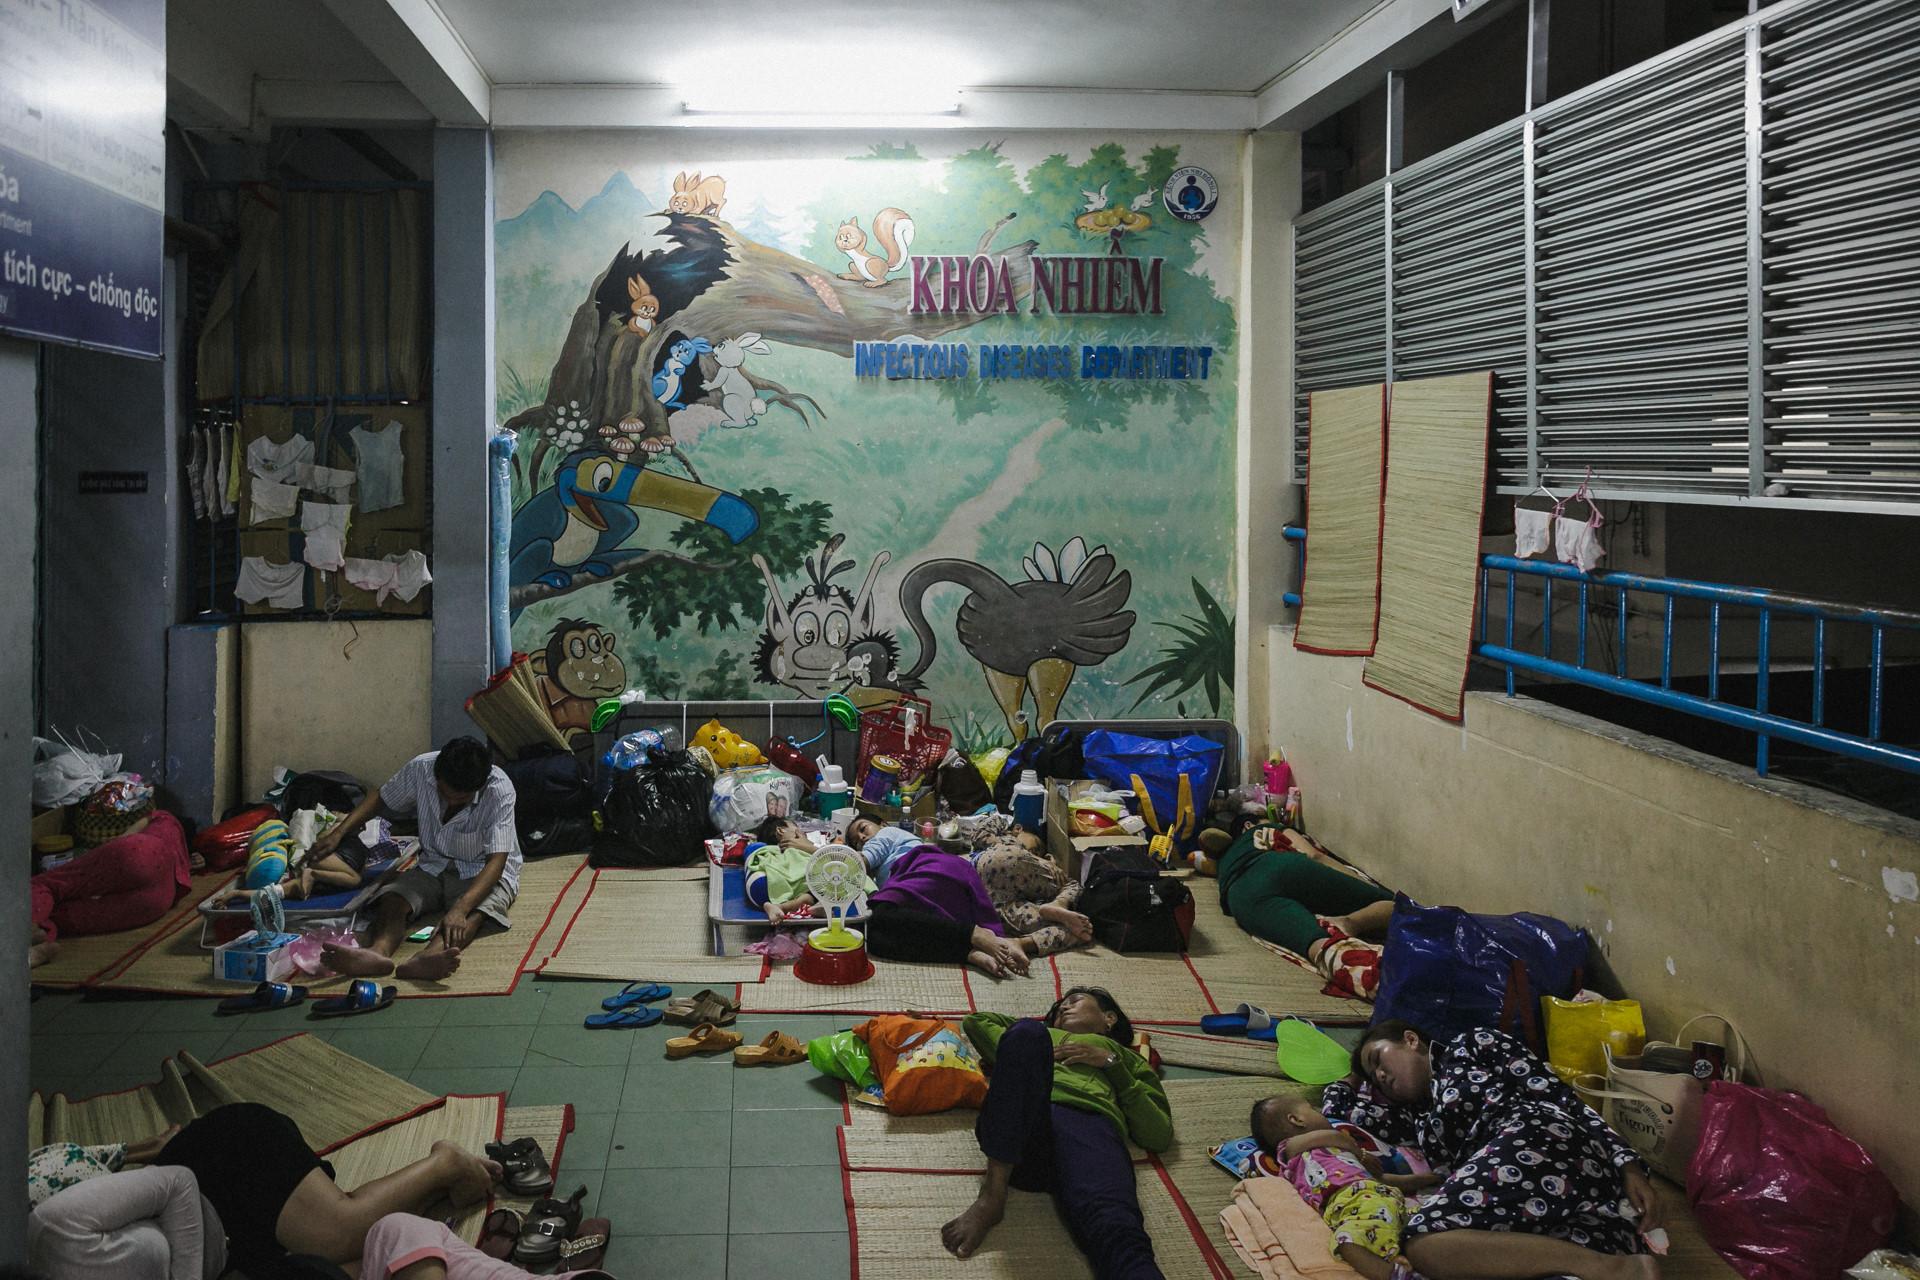 Bệnh viện Nhi ở Sài Gòn vỡ trận vì dịch chồng dịch-38